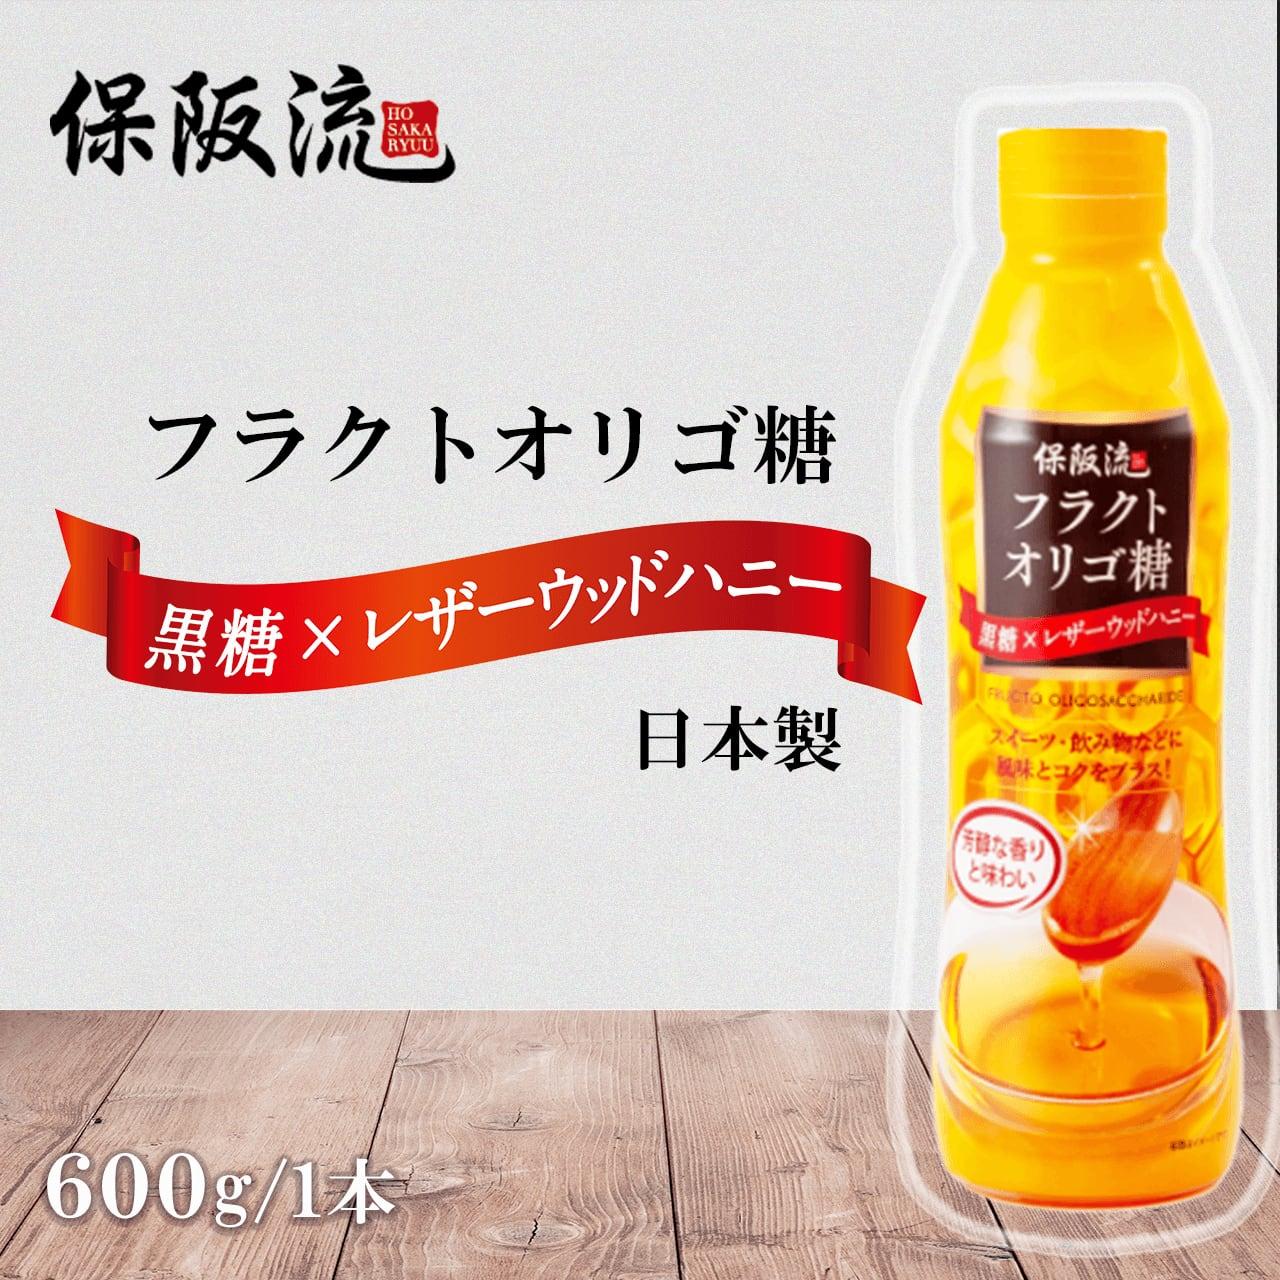 保阪流 フラクトオリゴ糖 黒糖×レザーウッドハニー 3本セット